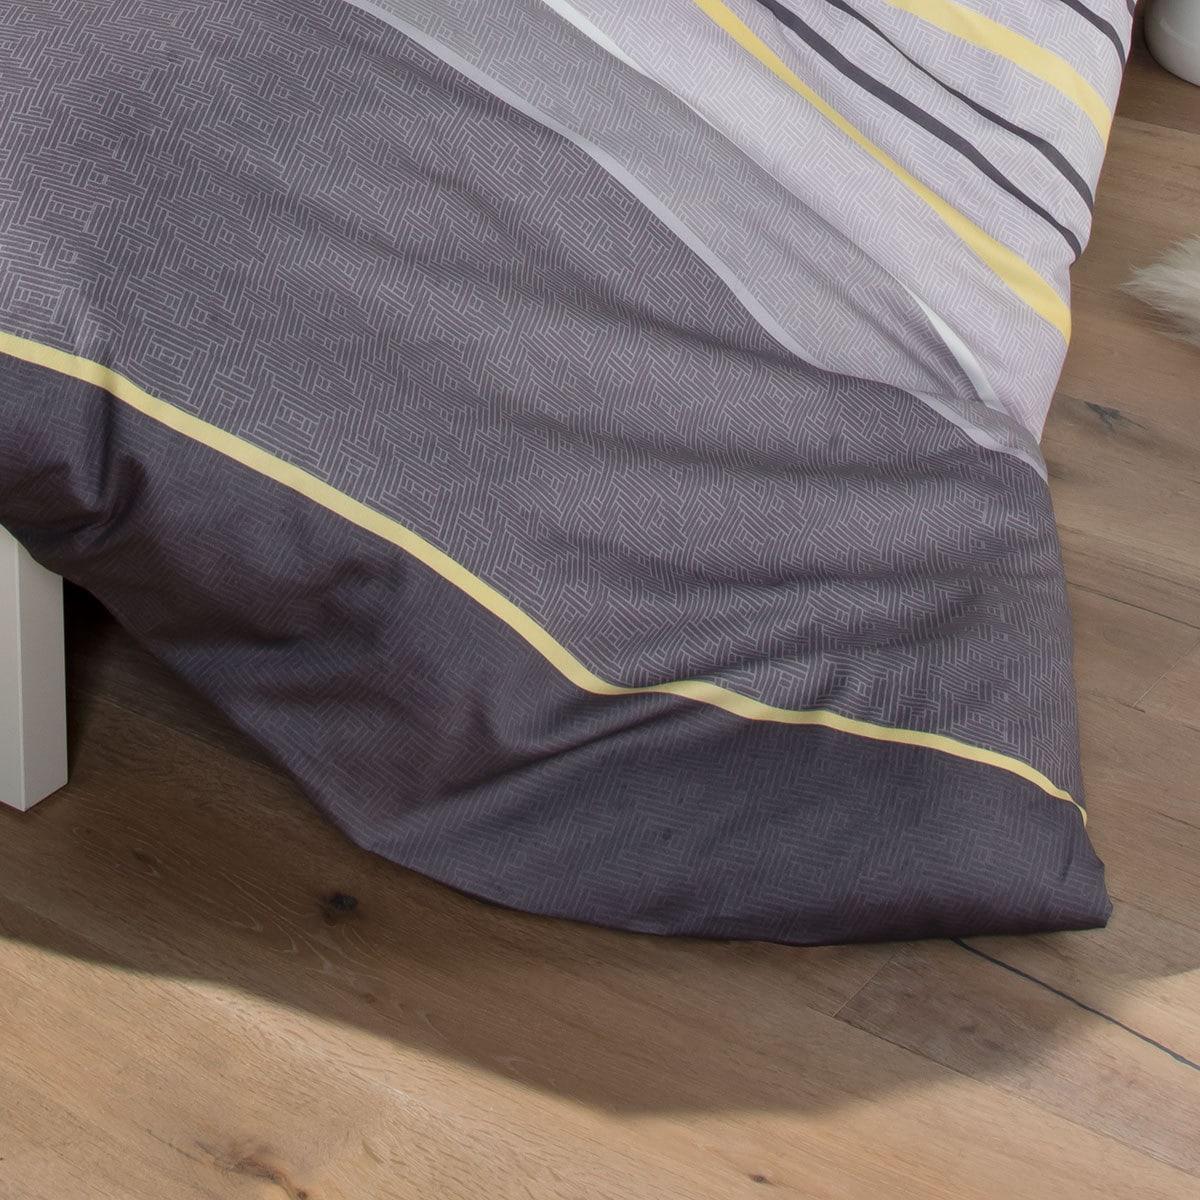 s oliver feinflanell bettw sche z rich grau g nstig online kaufen bei bettwaren shop. Black Bedroom Furniture Sets. Home Design Ideas